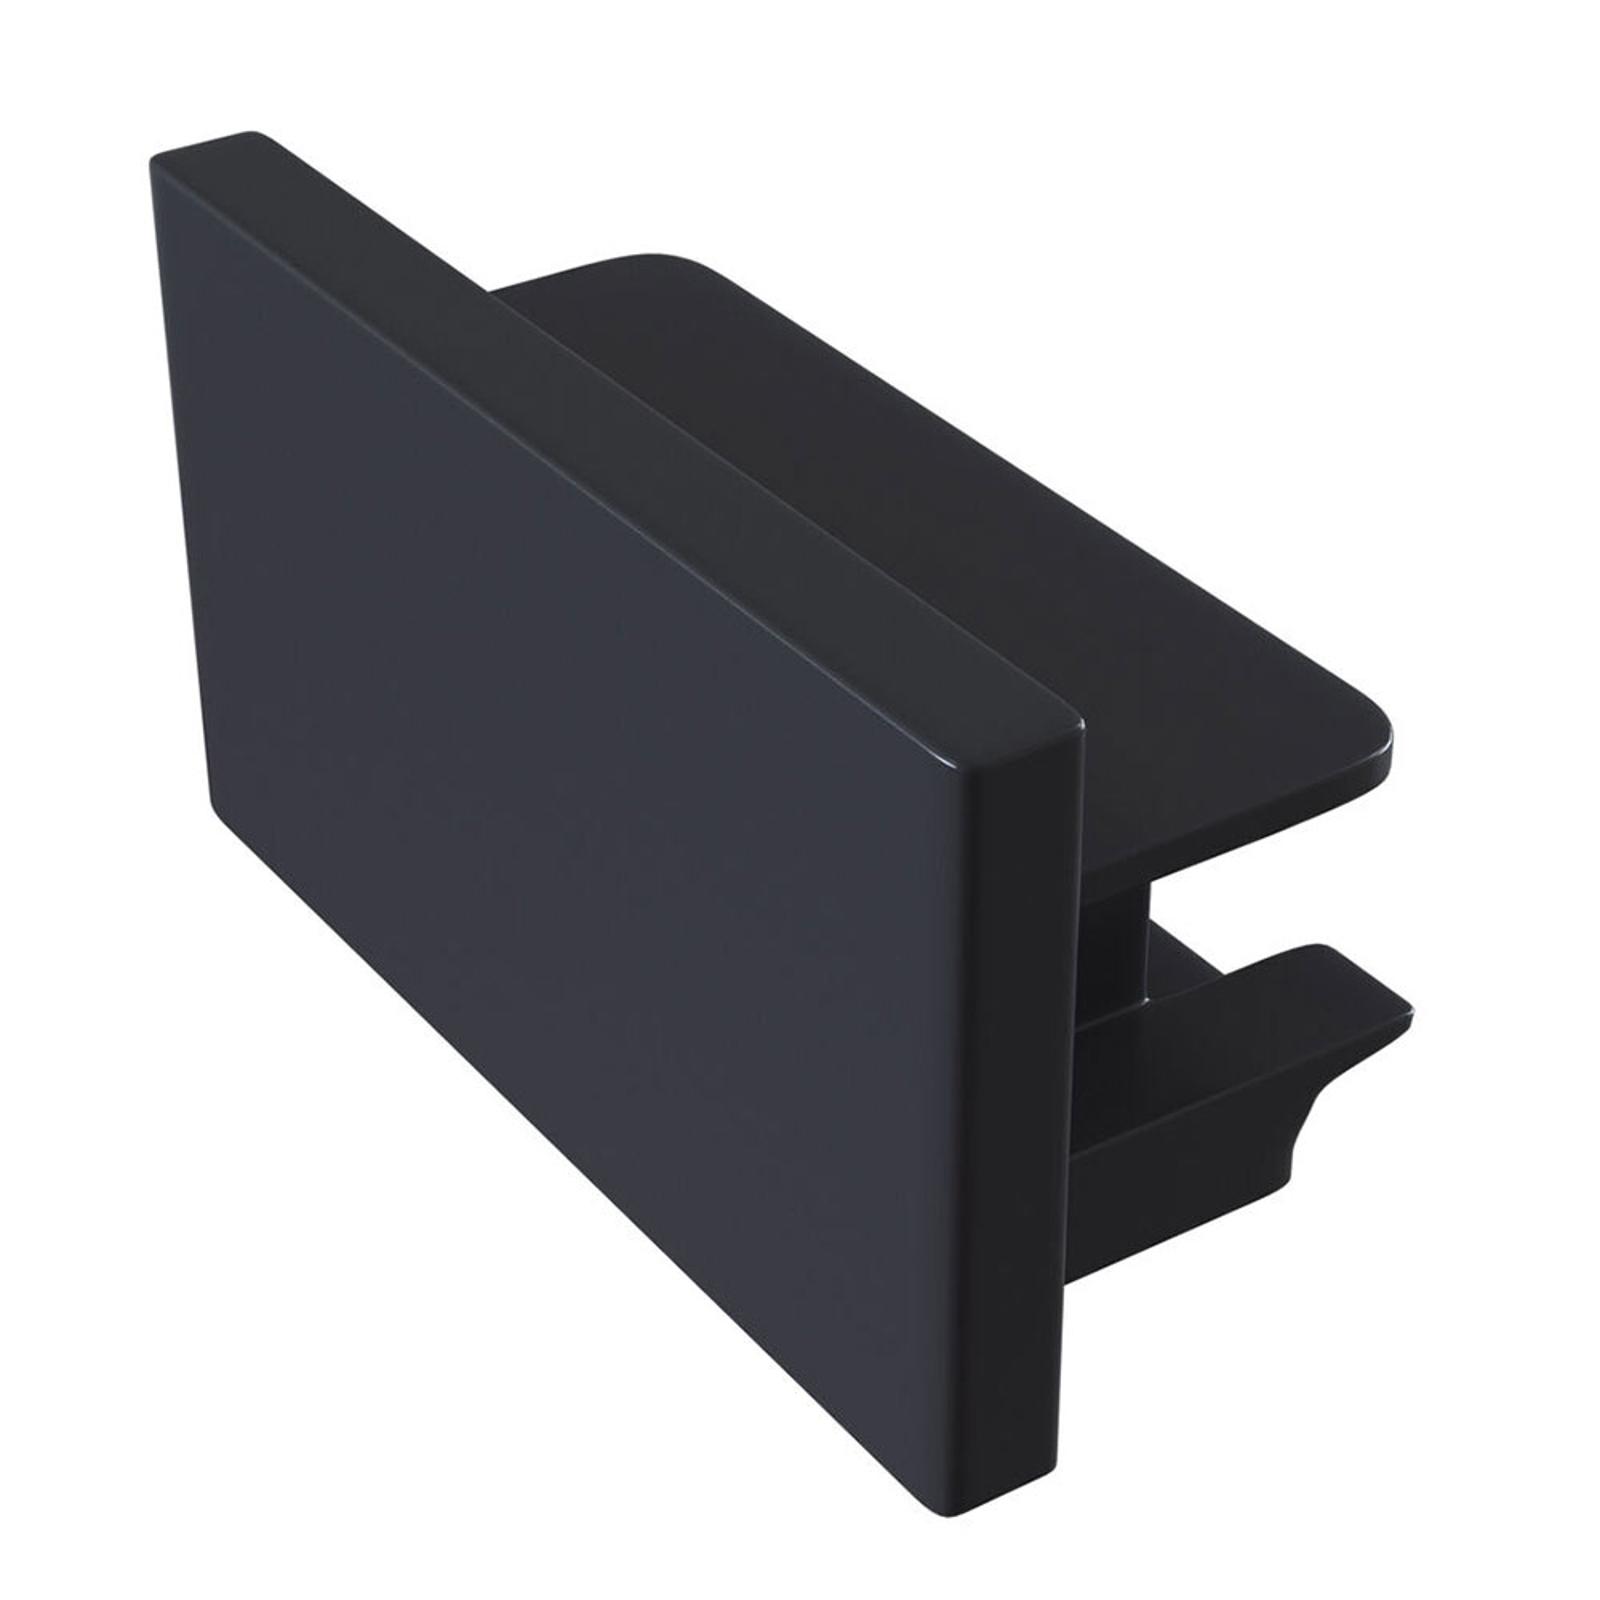 Endekappe Track, 1-faset skinne, sort